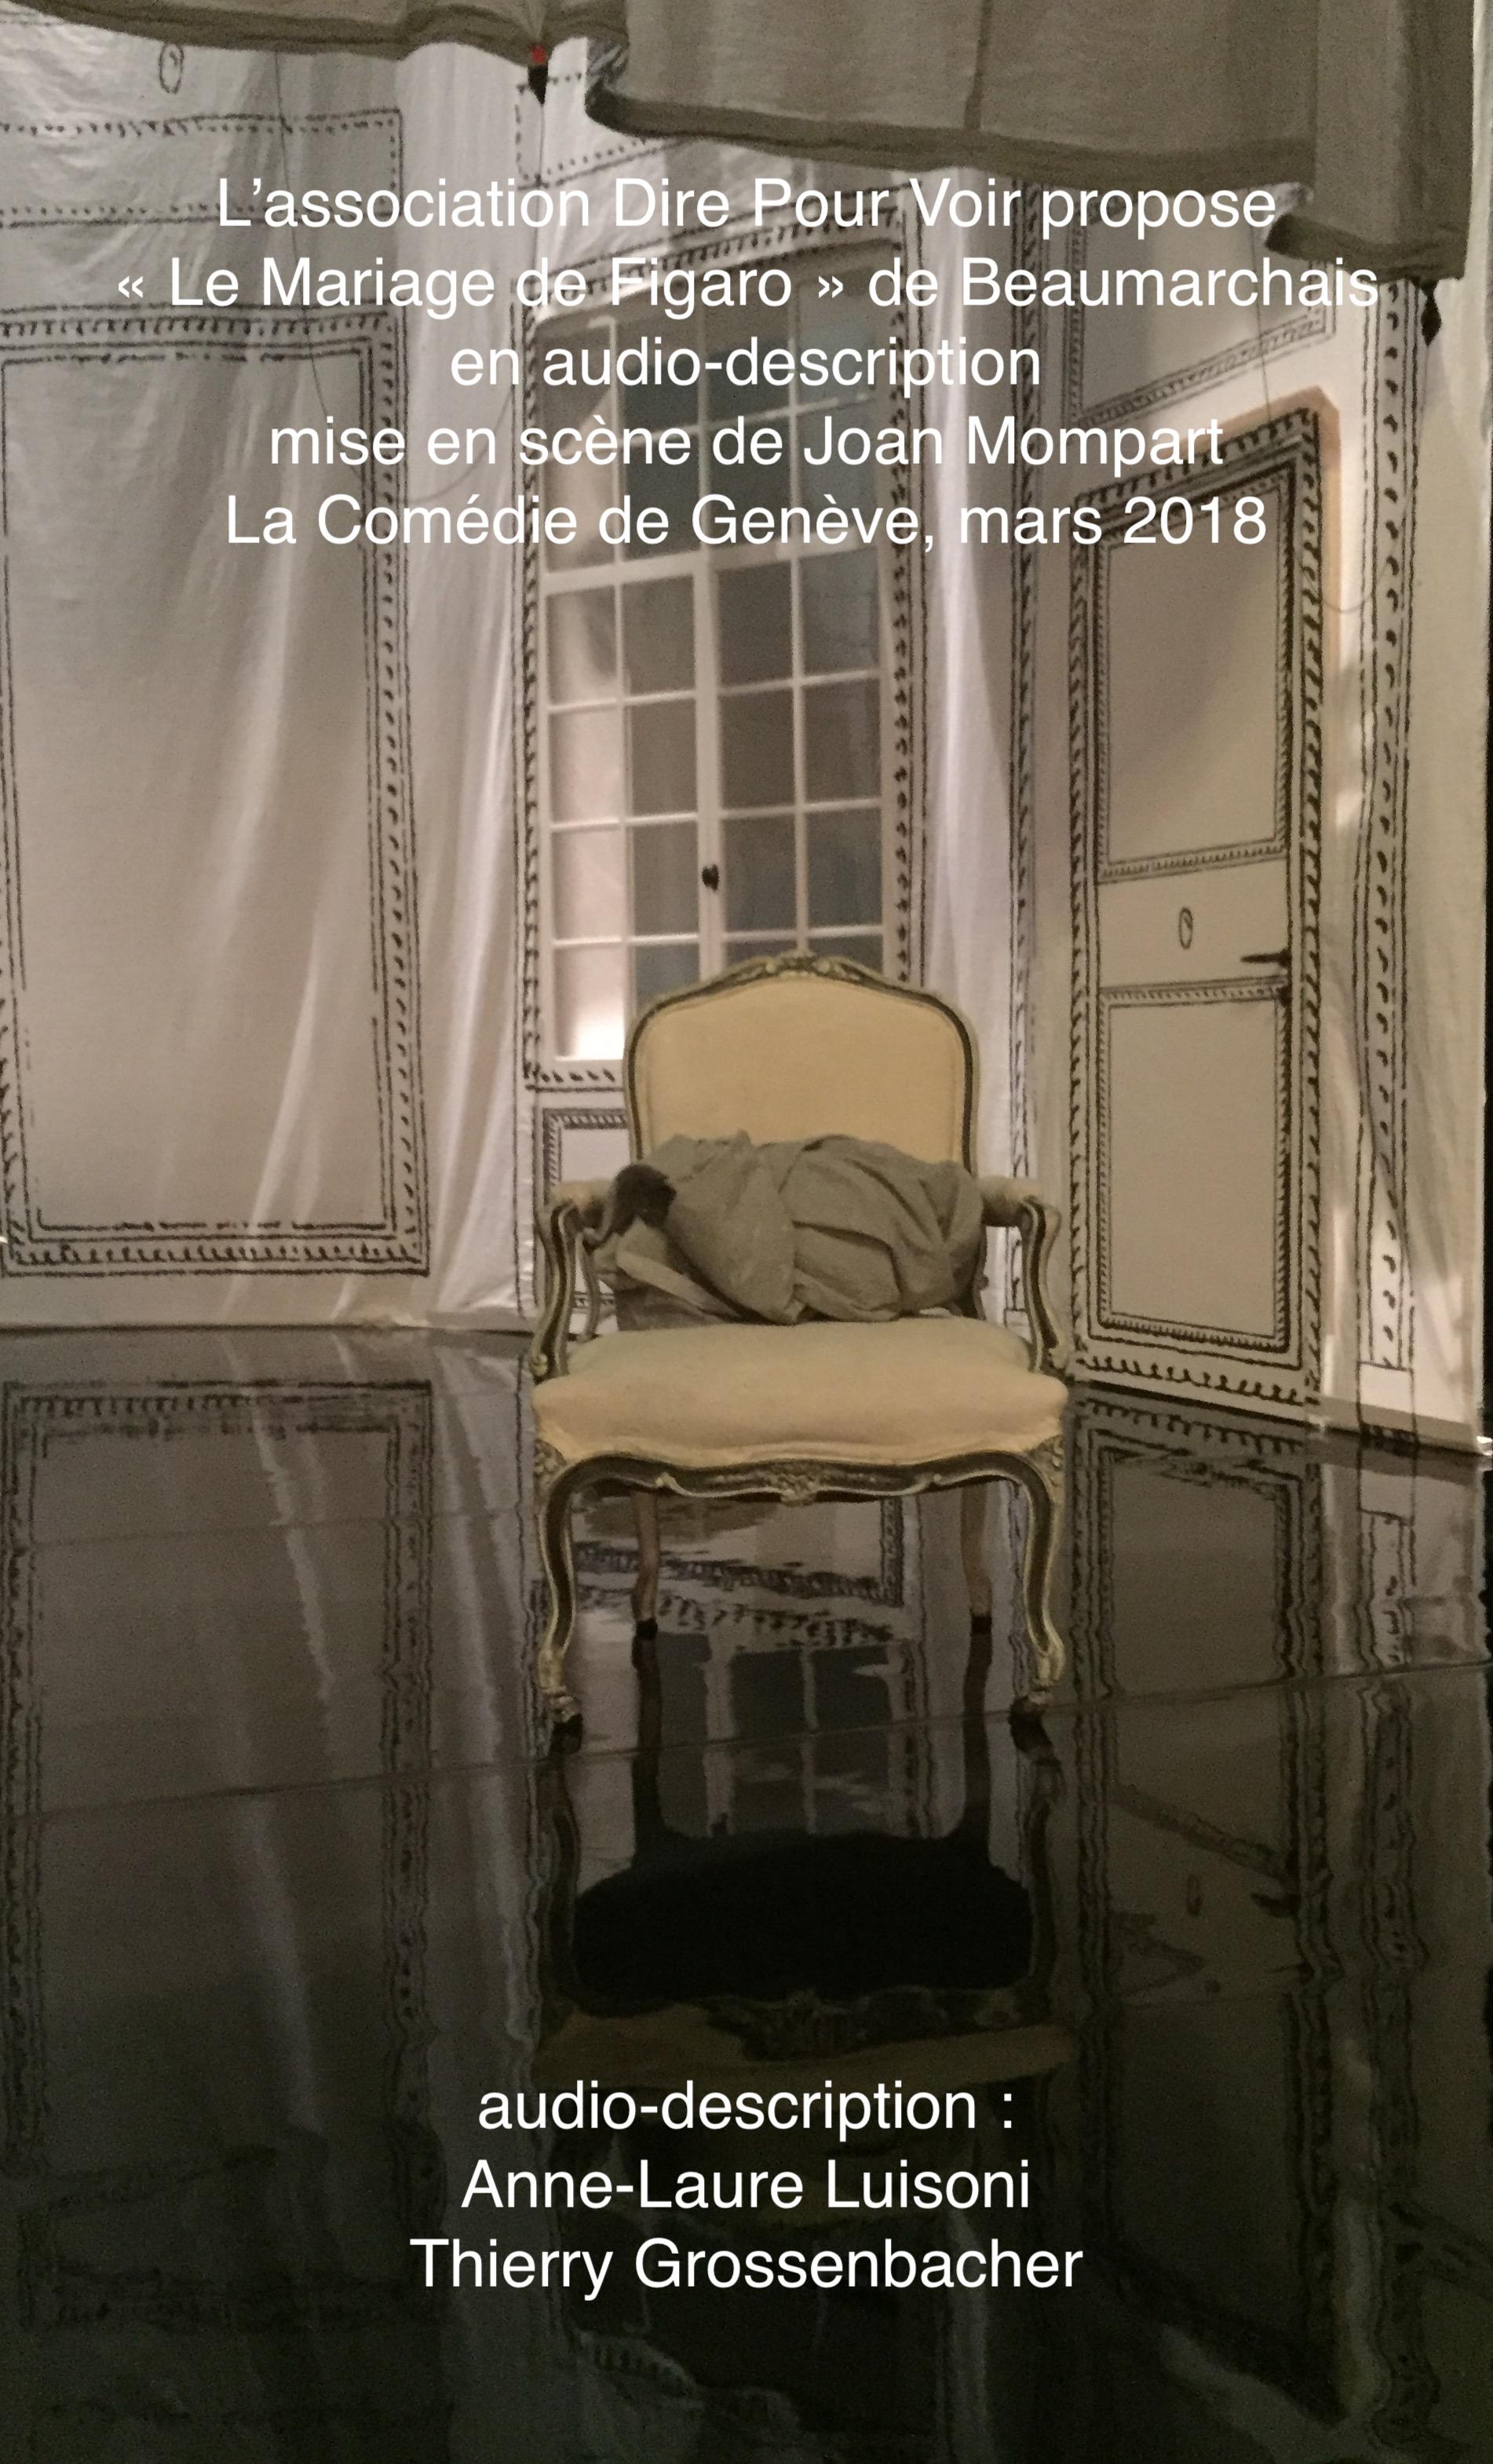 Affiche de Le Mariage de Figaro de Beaumarchais